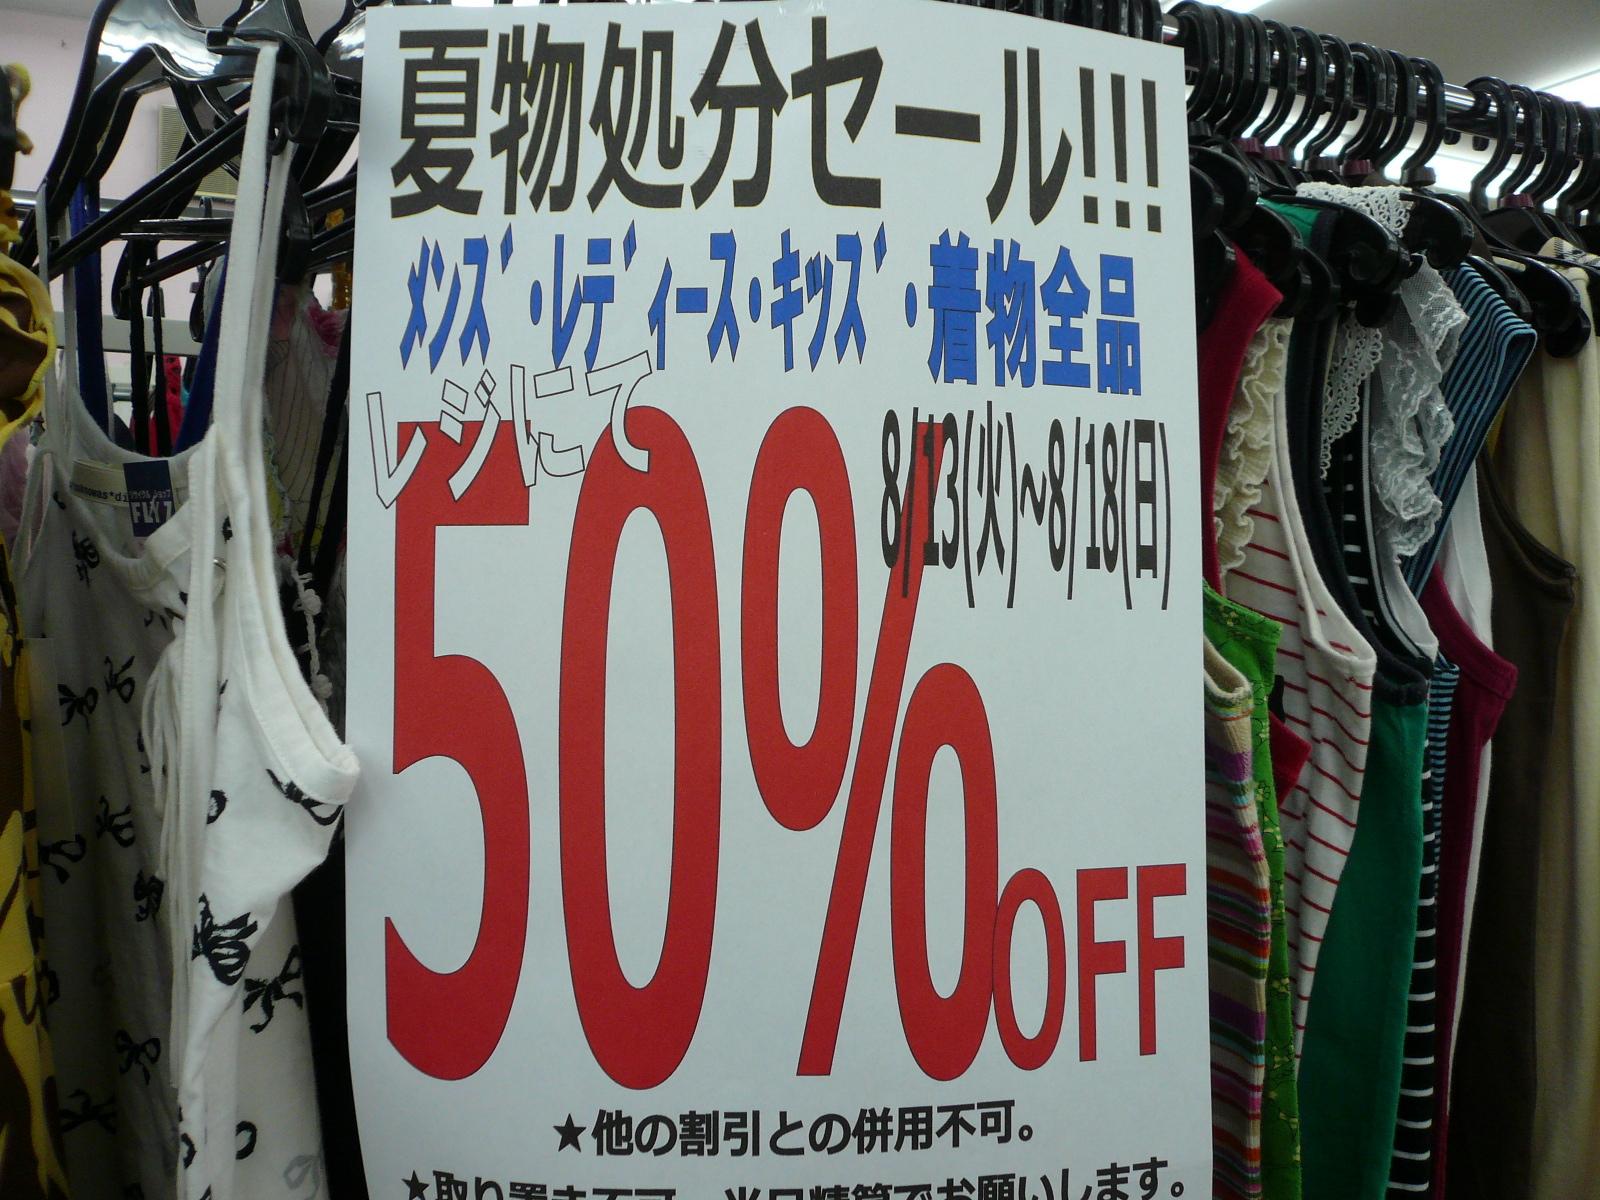 セール情報!衣類全品半額!リサイクルショップフライズ佐賀店